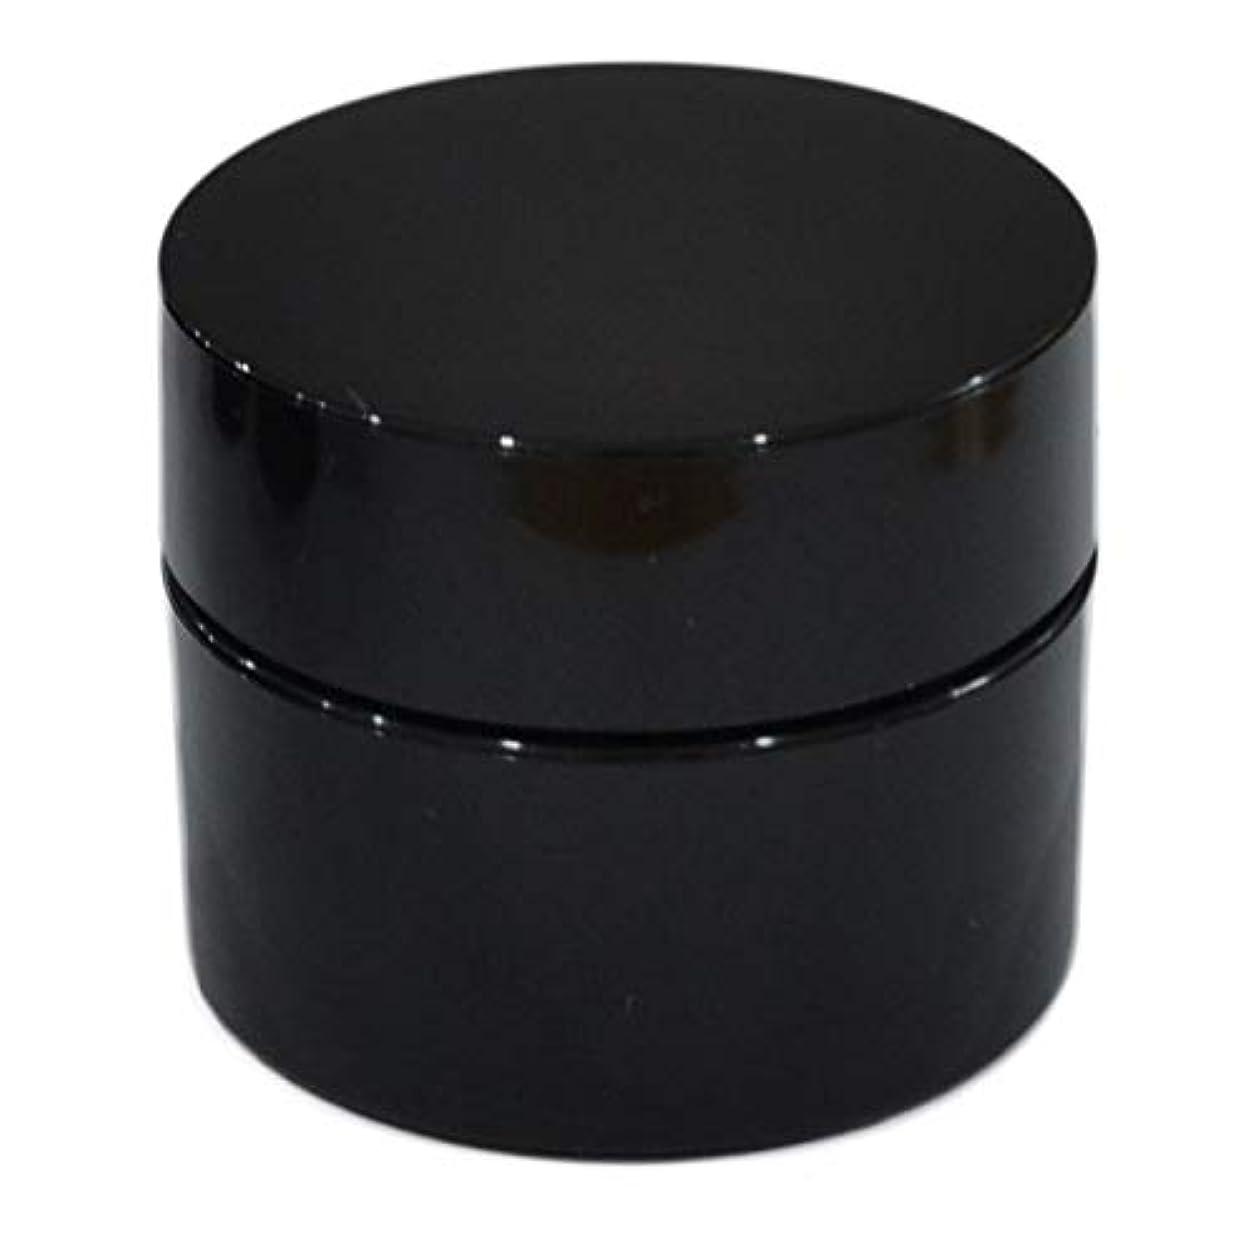 シール統治するボア純国産ネイルジェル用コンテナ 10g用GA10g 漏れ防止パッキン&ブラシプレート付容器 ジェルを無駄なく使える底面傾斜あり 遮光 黒 ブラック